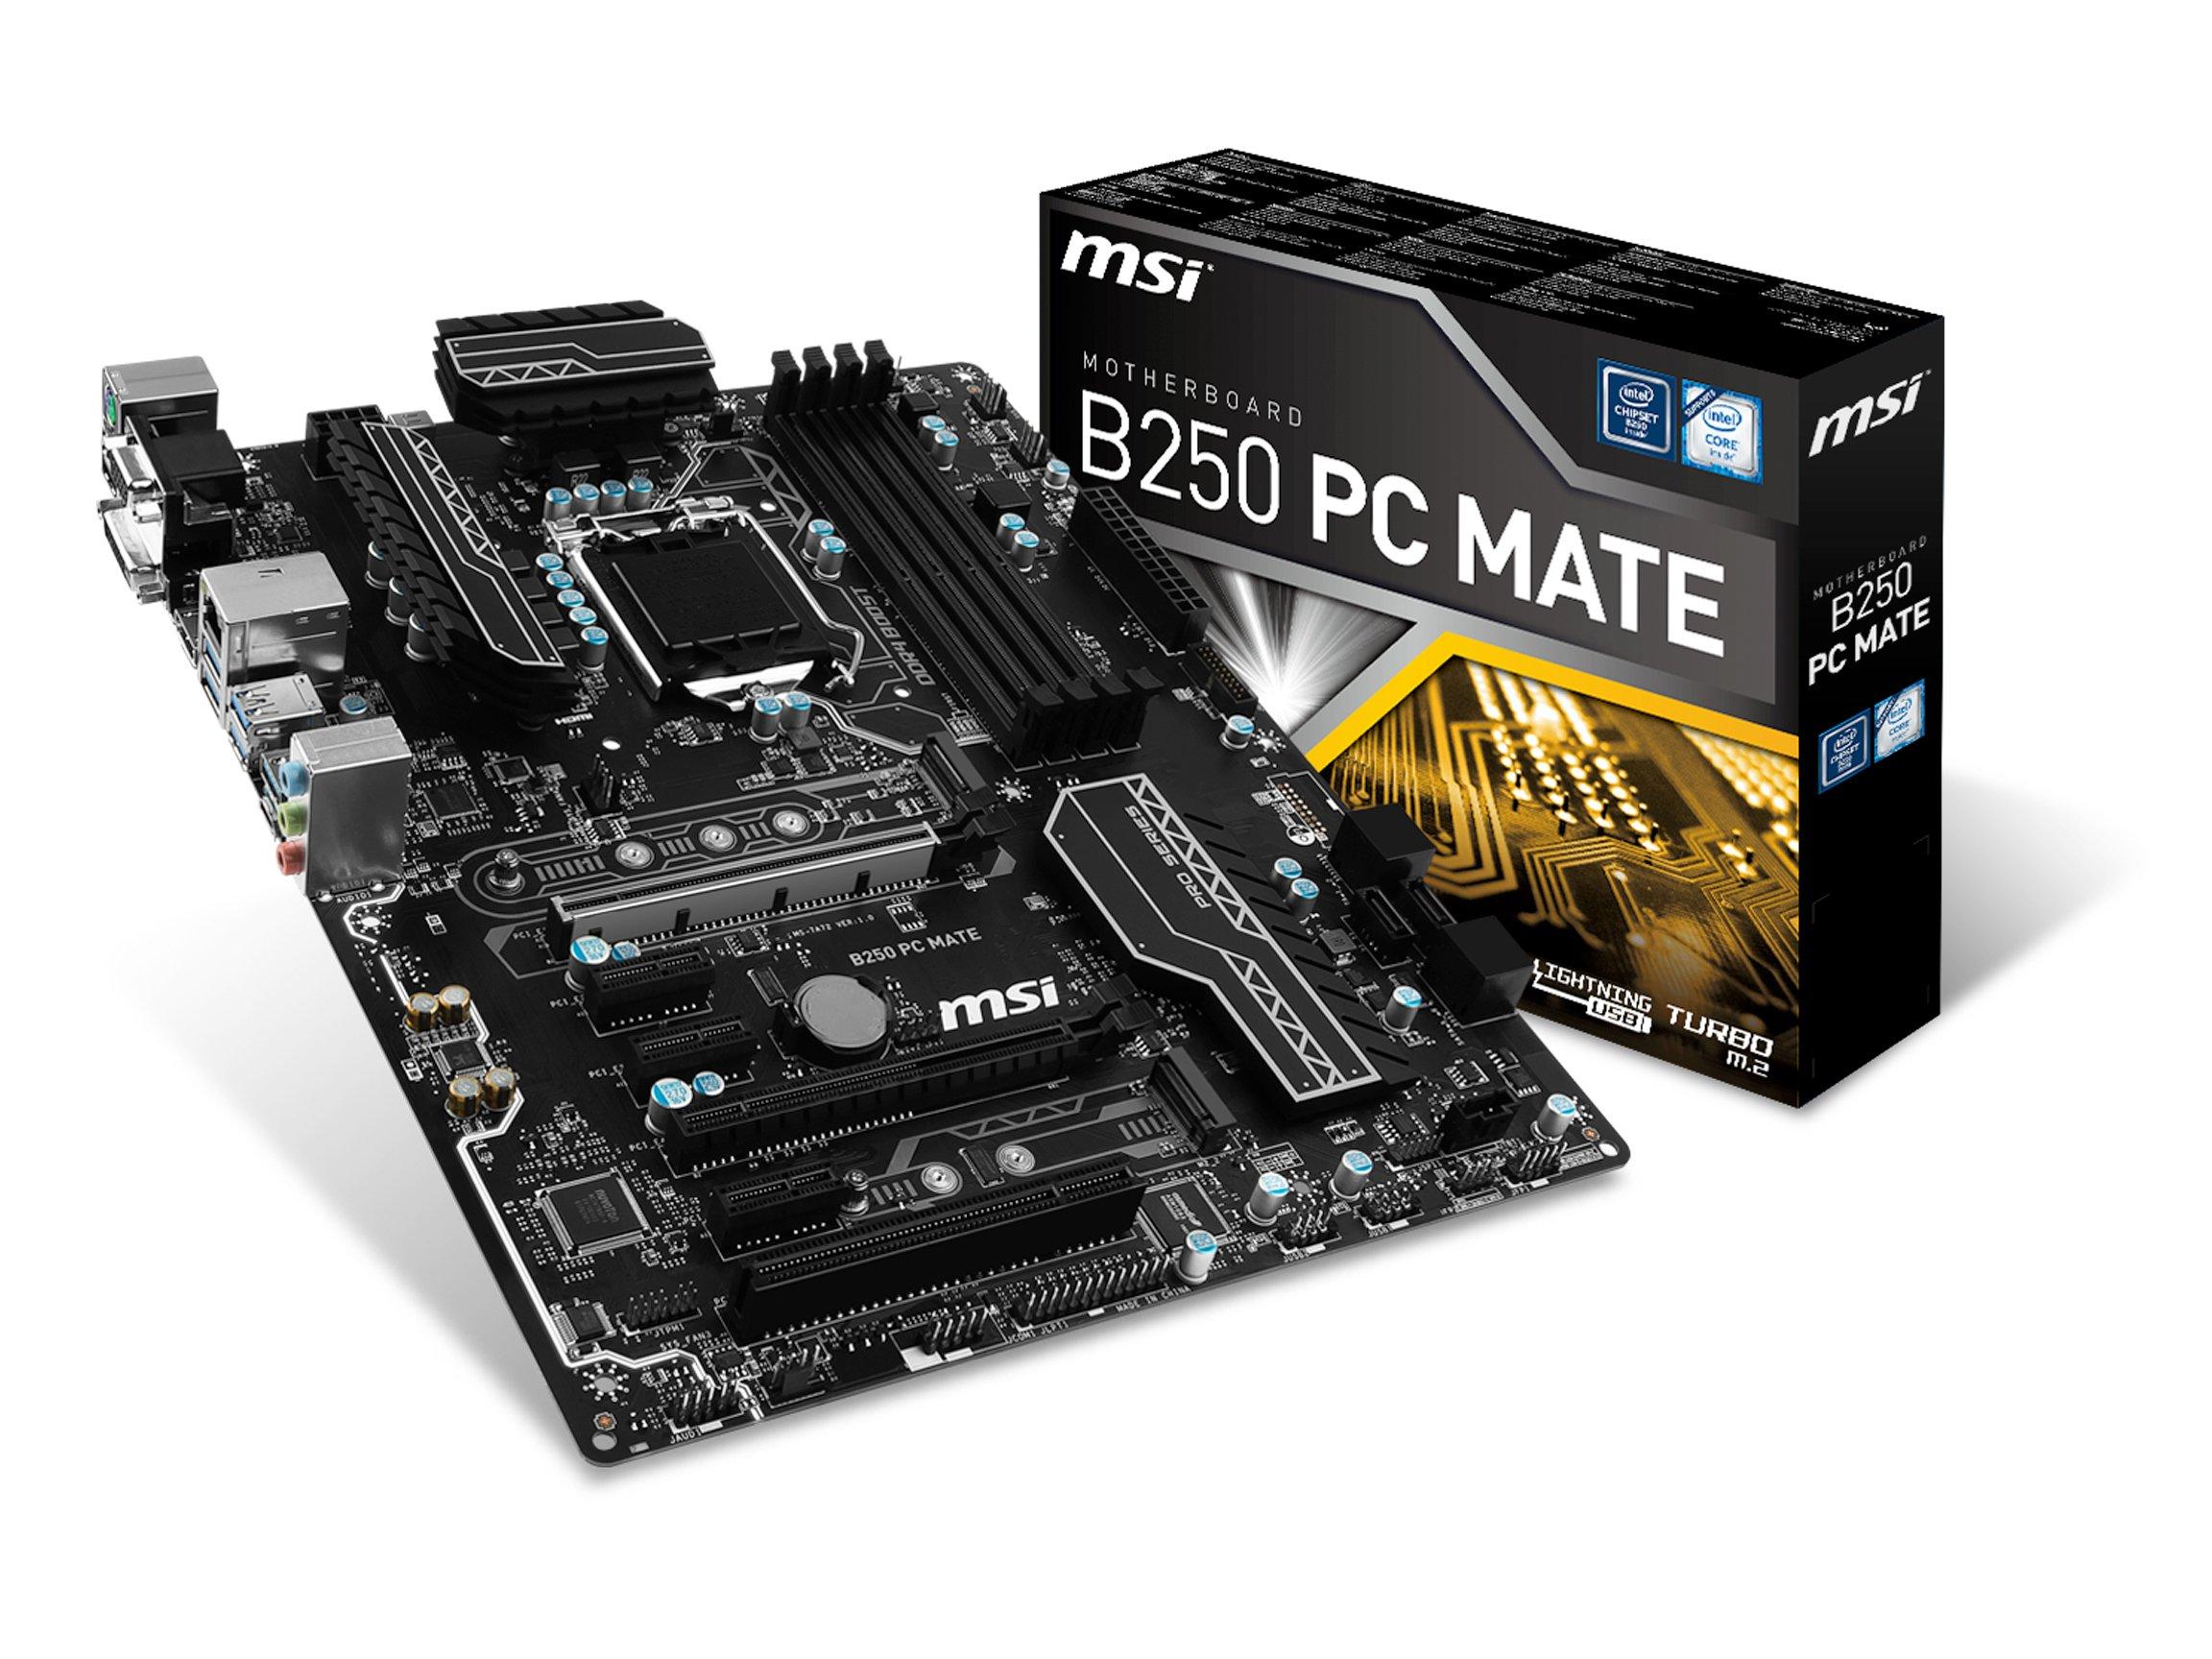 MSI Pro Series Intel B250 LGA 1151 DDR4 HDMI USB 3.1 ATX Motherboard (B250 PC MATE)